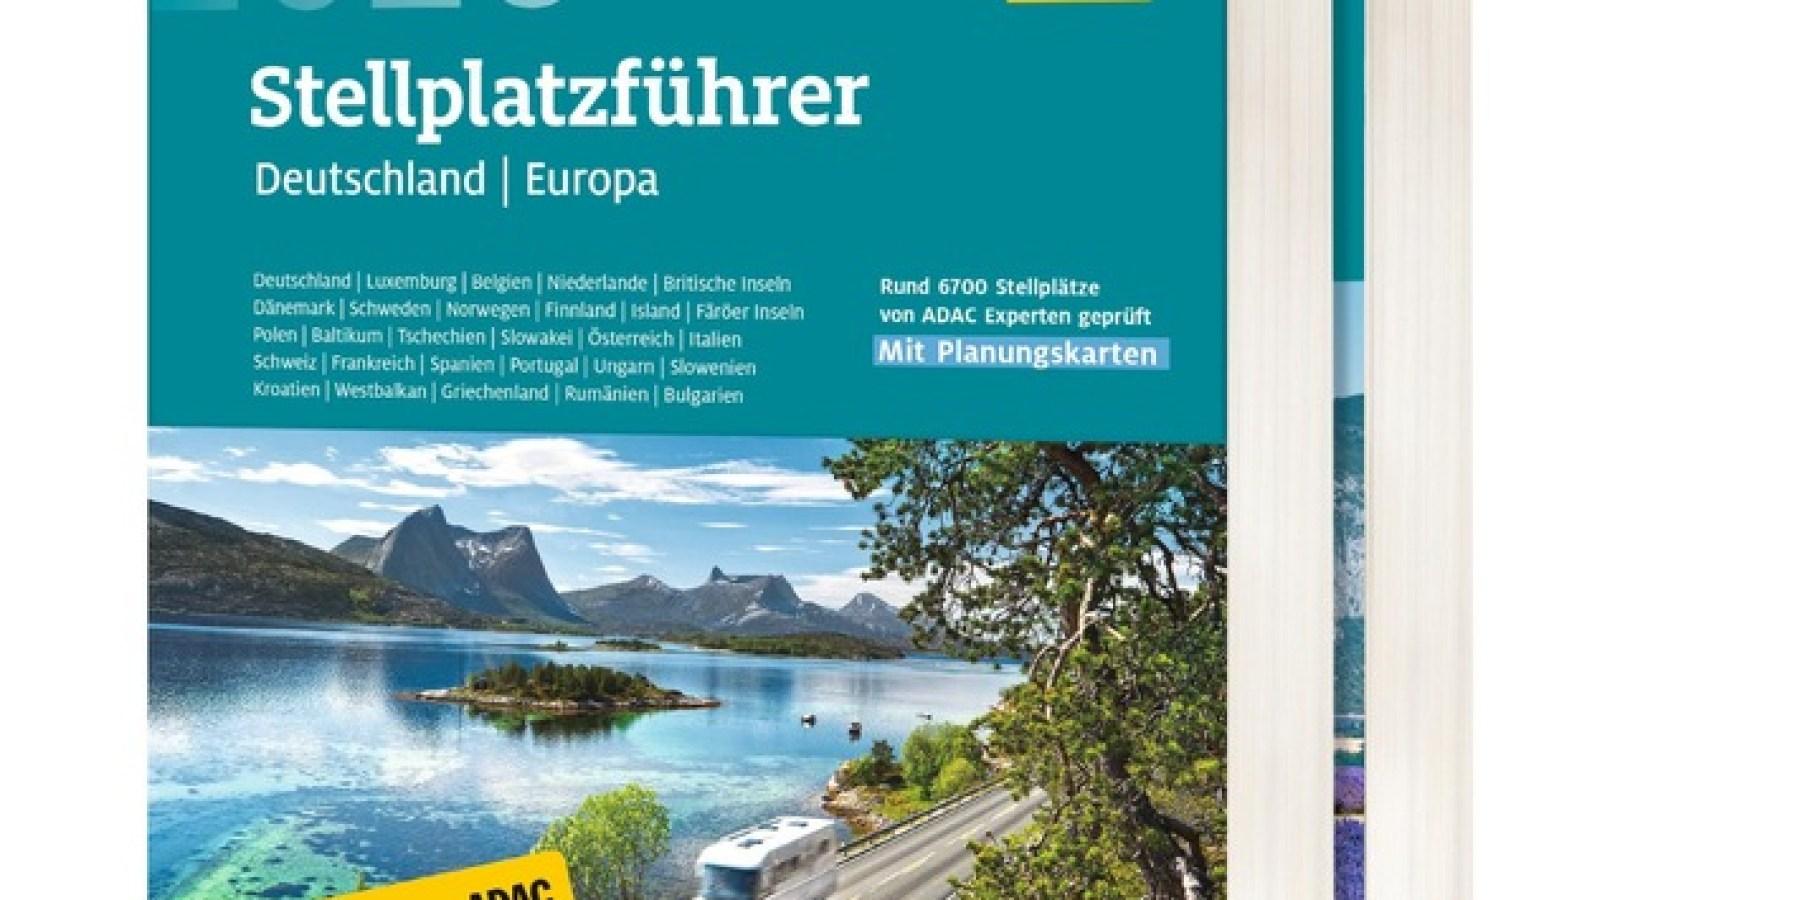 ADAC Stellplatzführer 2020 weist den Weg zu tausenden Stellplätzen in Europa